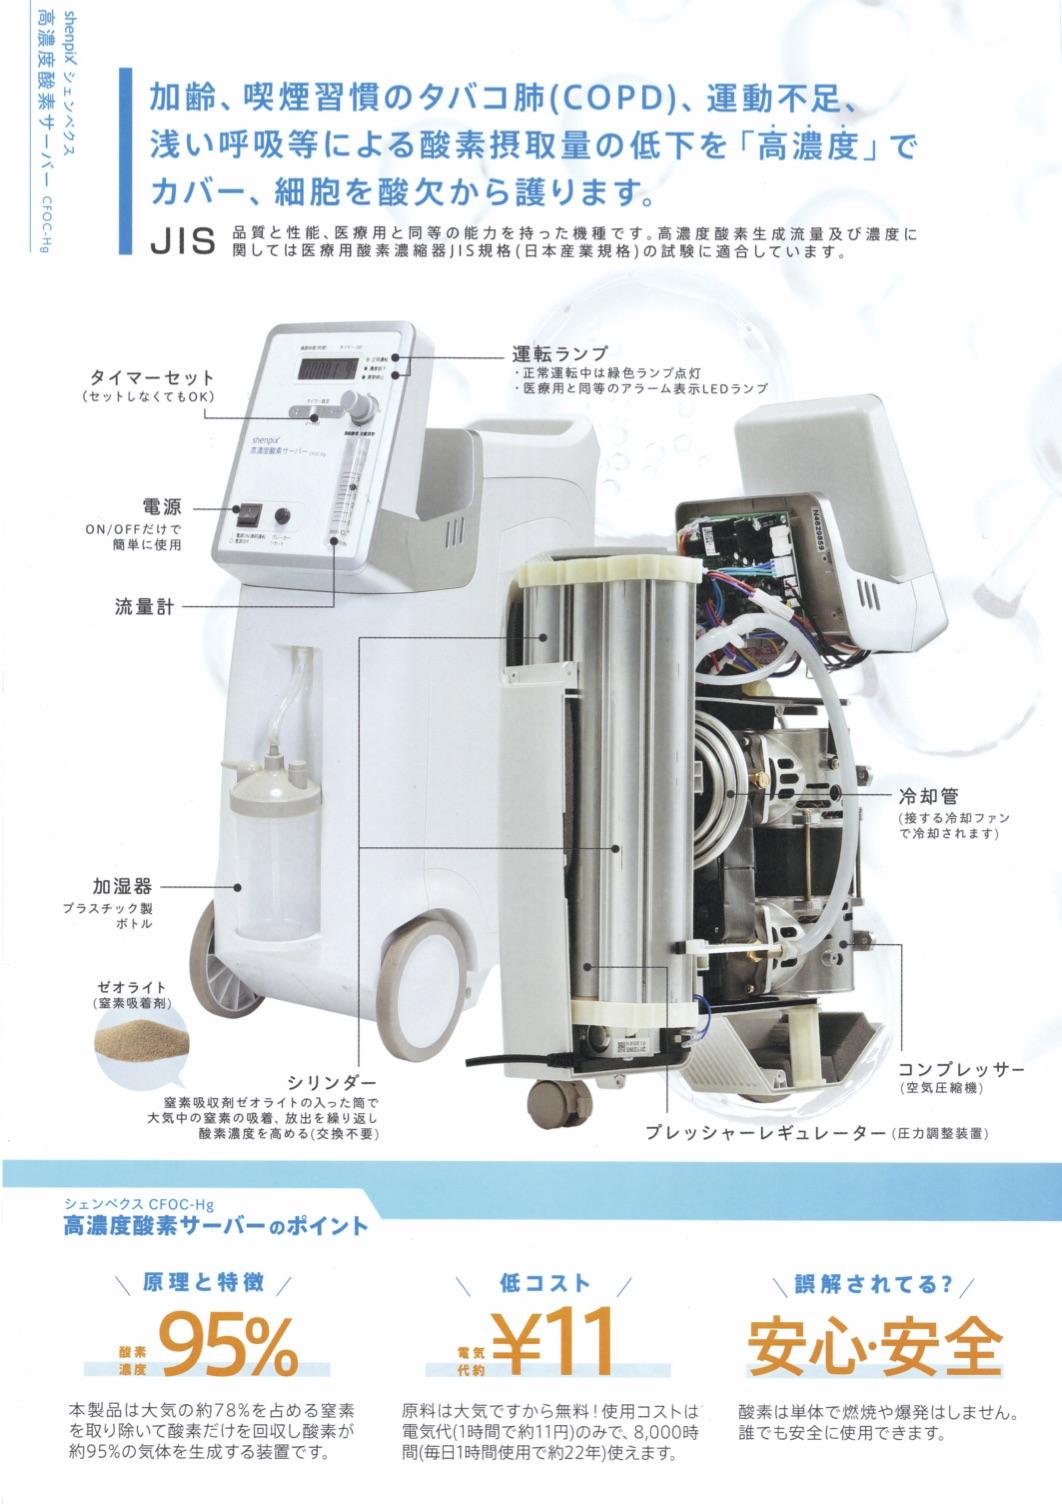 シェンペクス式酸素濃縮器 (CFOC-Hg)